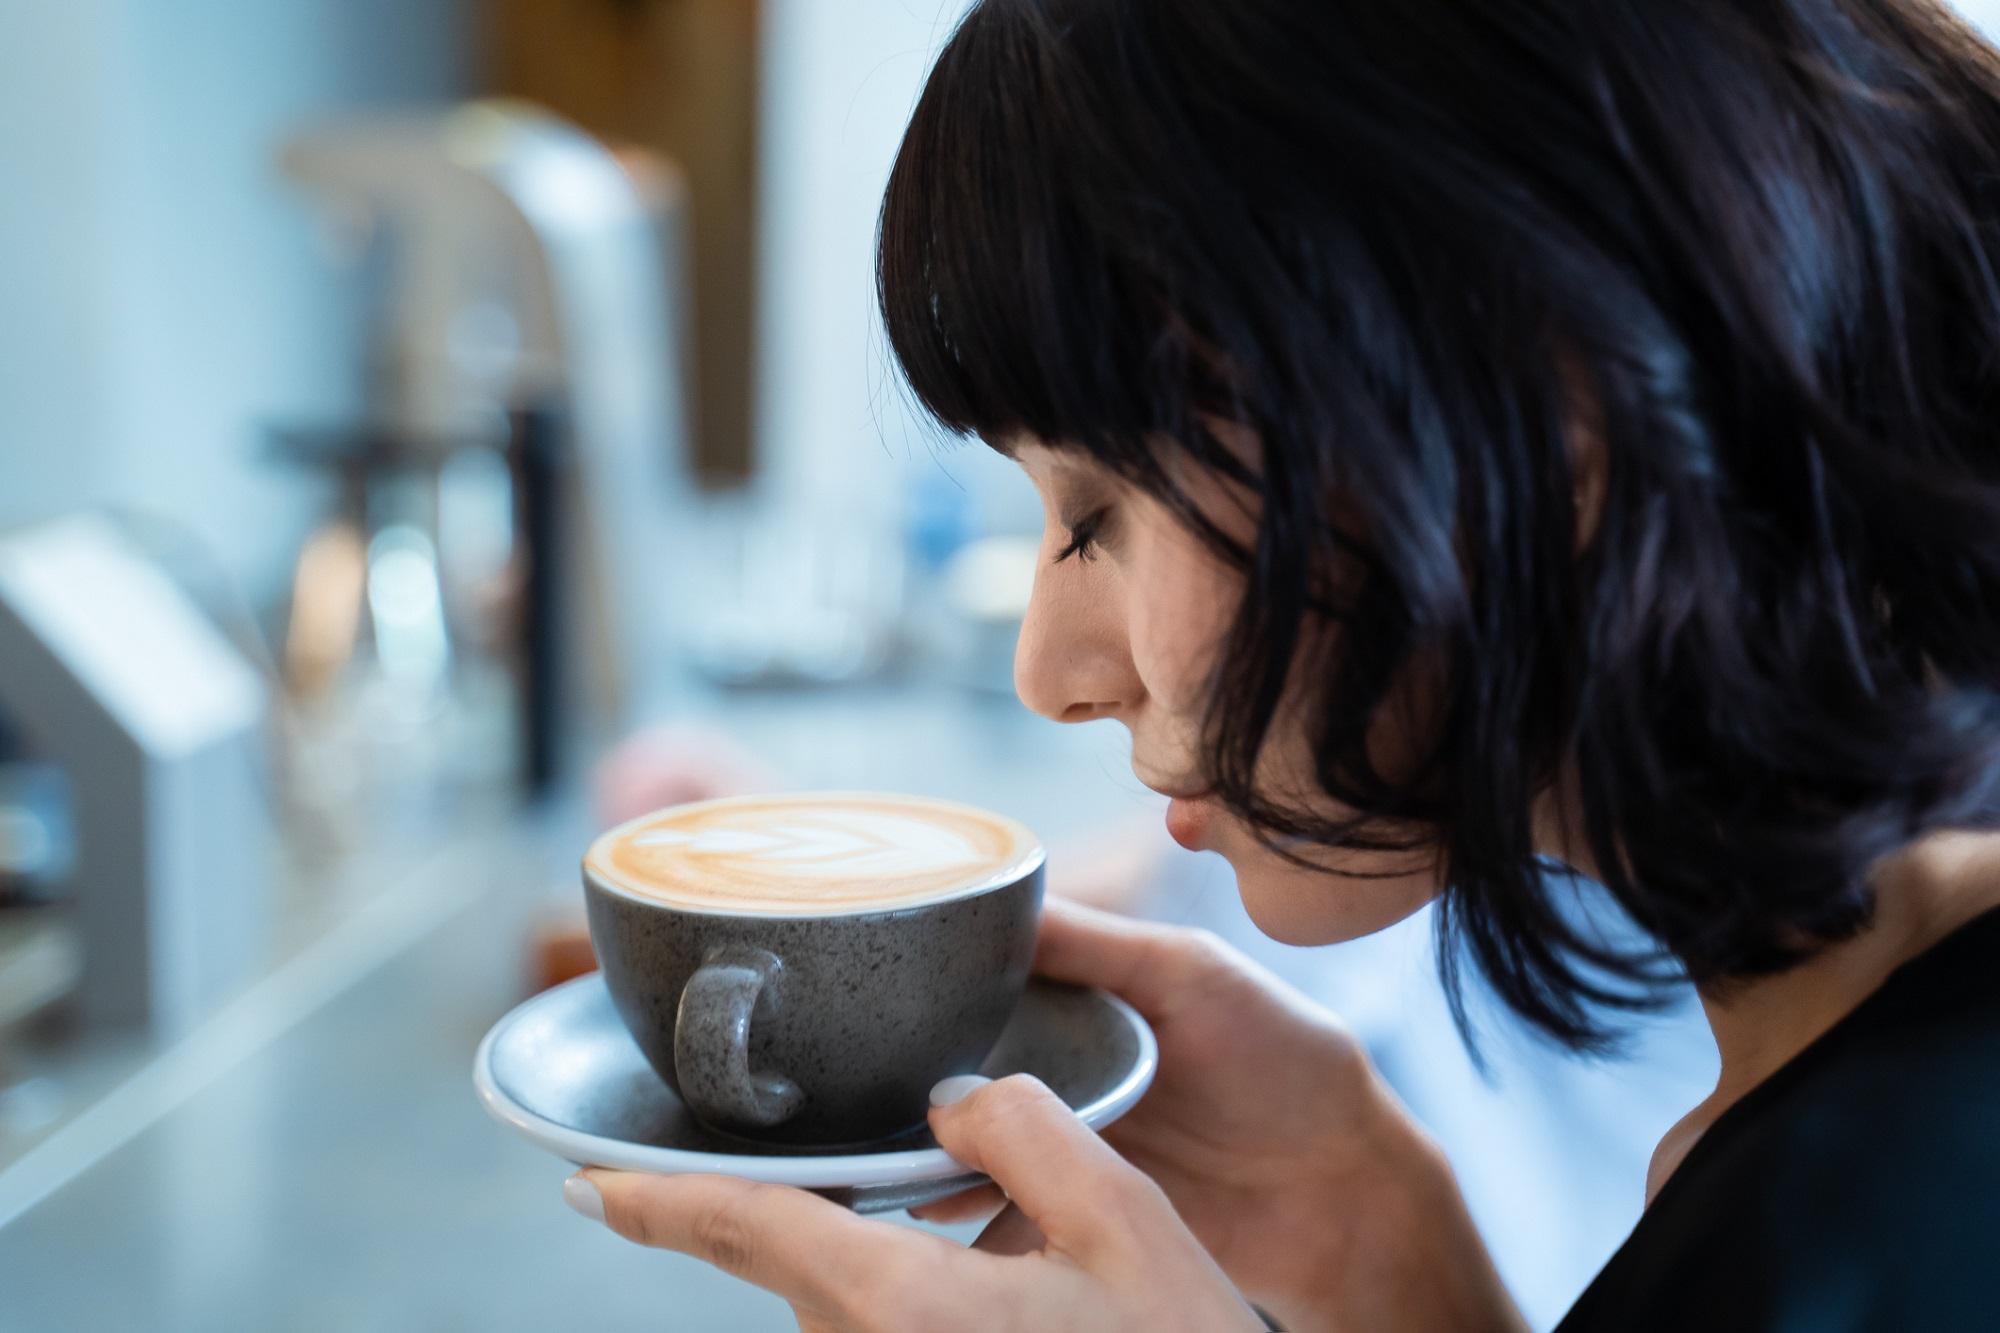 La percezione e la sensorialità del caffè: un'esperienza che coinvolge tutti i sensi